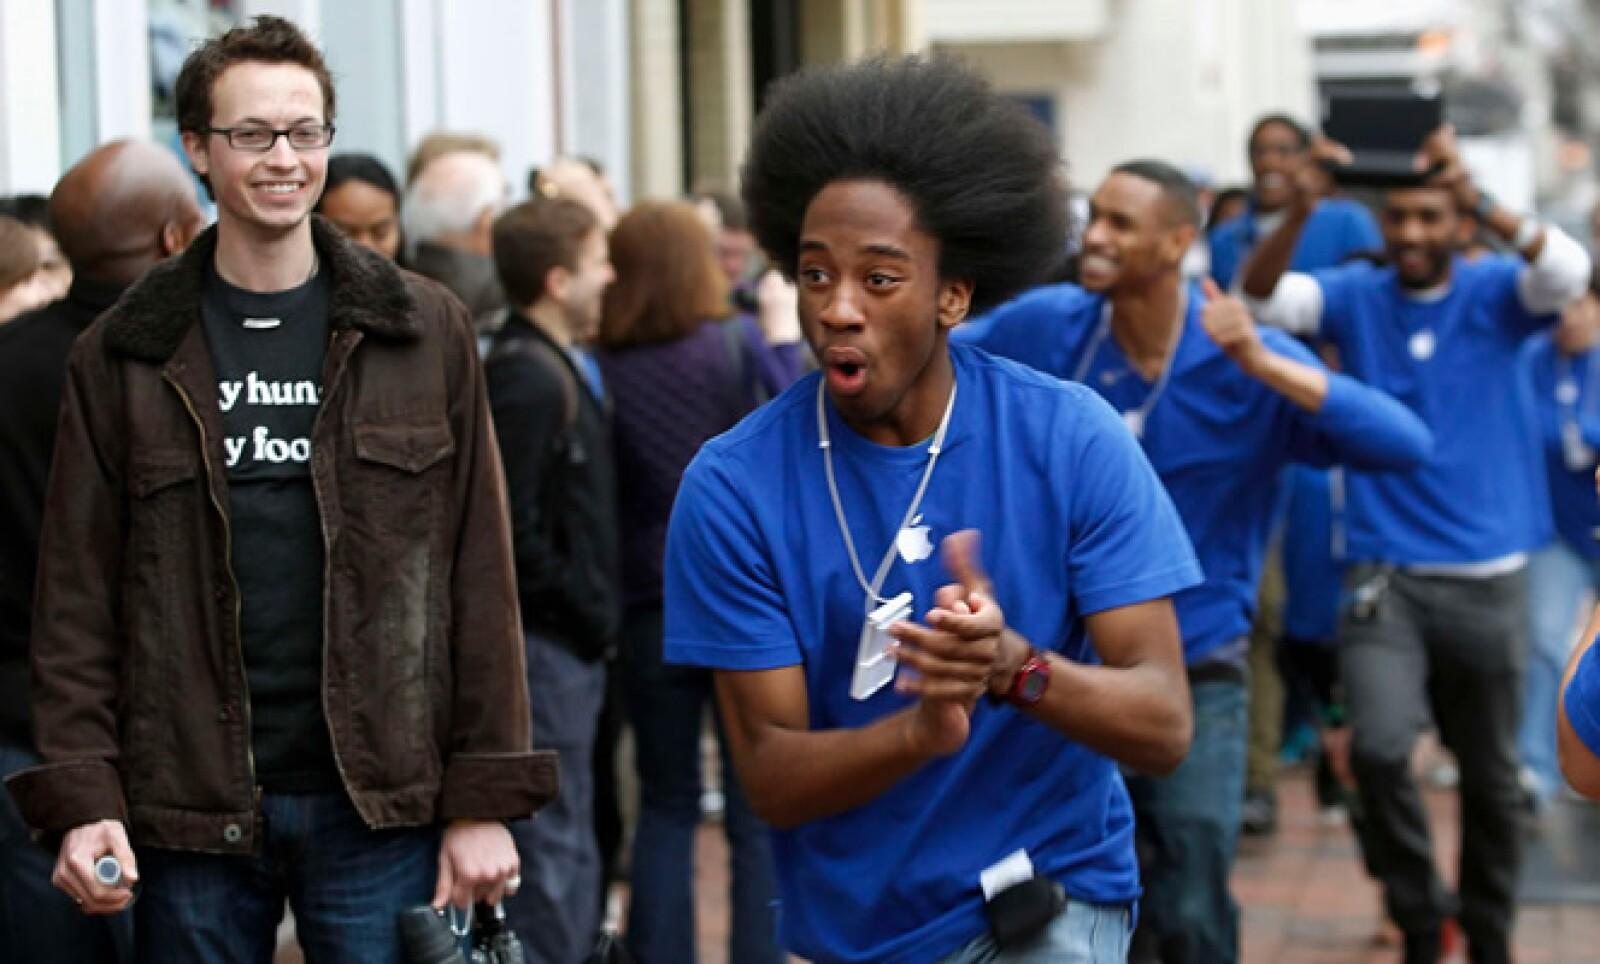 Los empleados de Apple animaron a los compradores, después de haber pasado varias horas formados para ser de los primeros en tener este equipo.